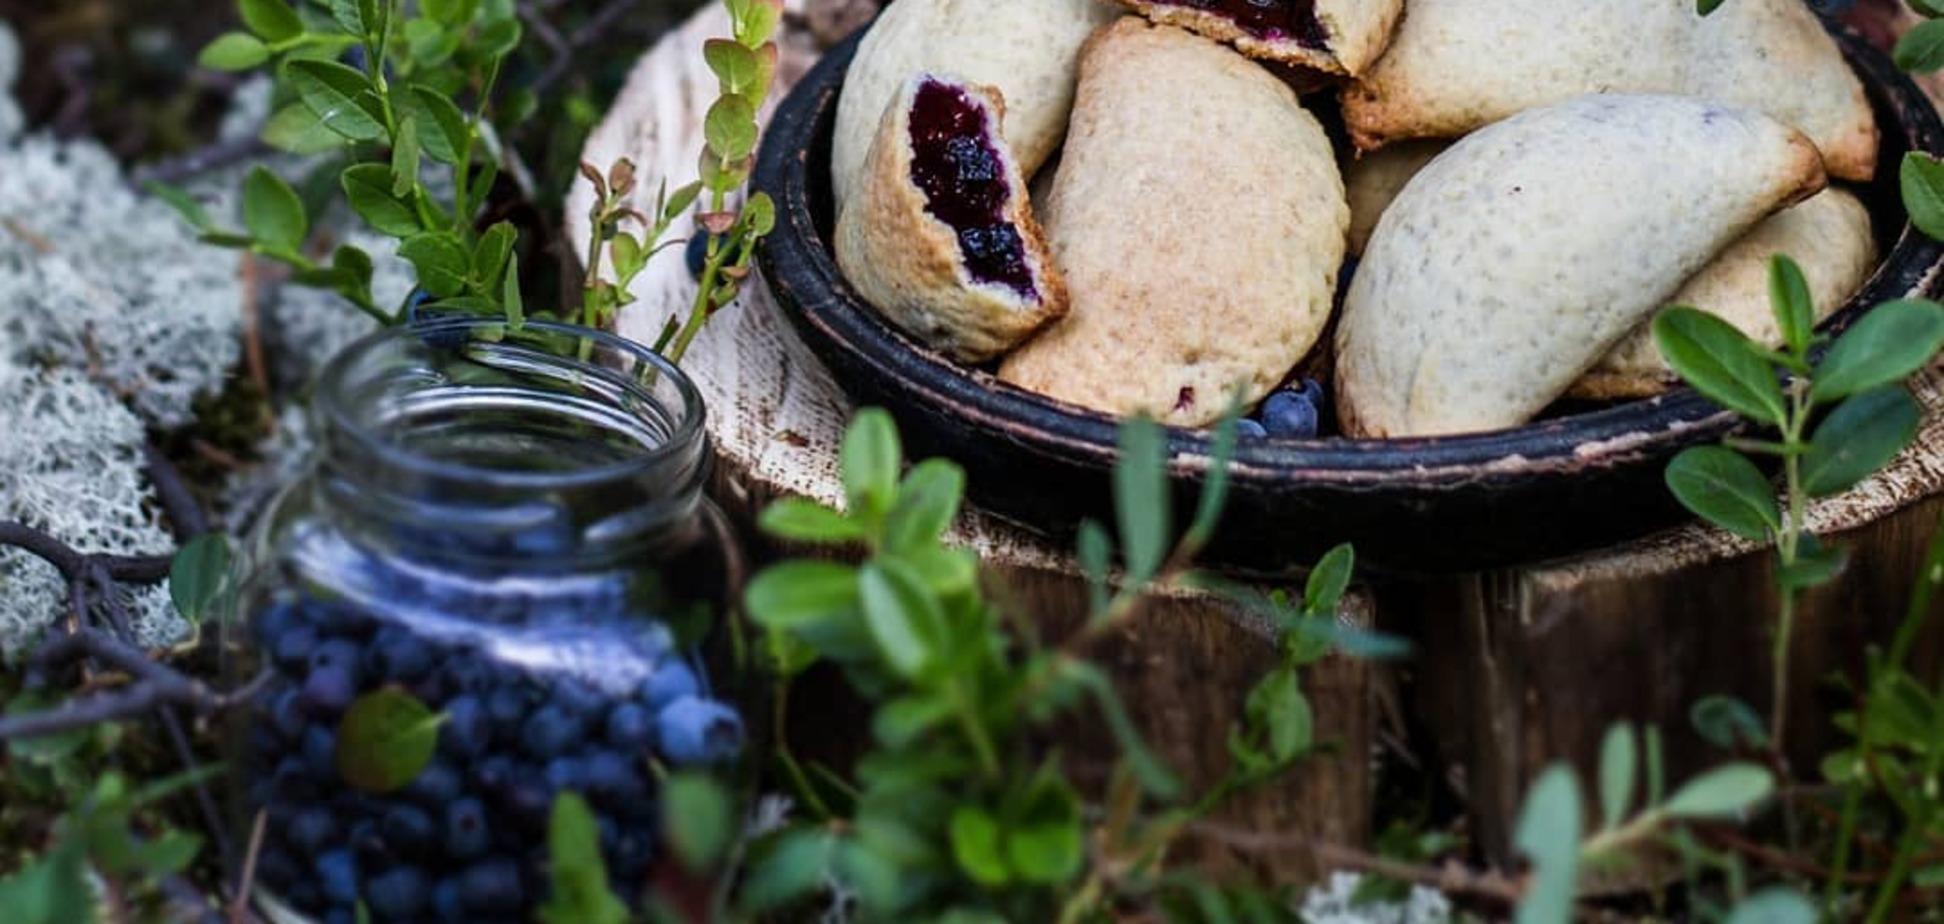 Пирожки из песочного теста с черникой: вкус леса